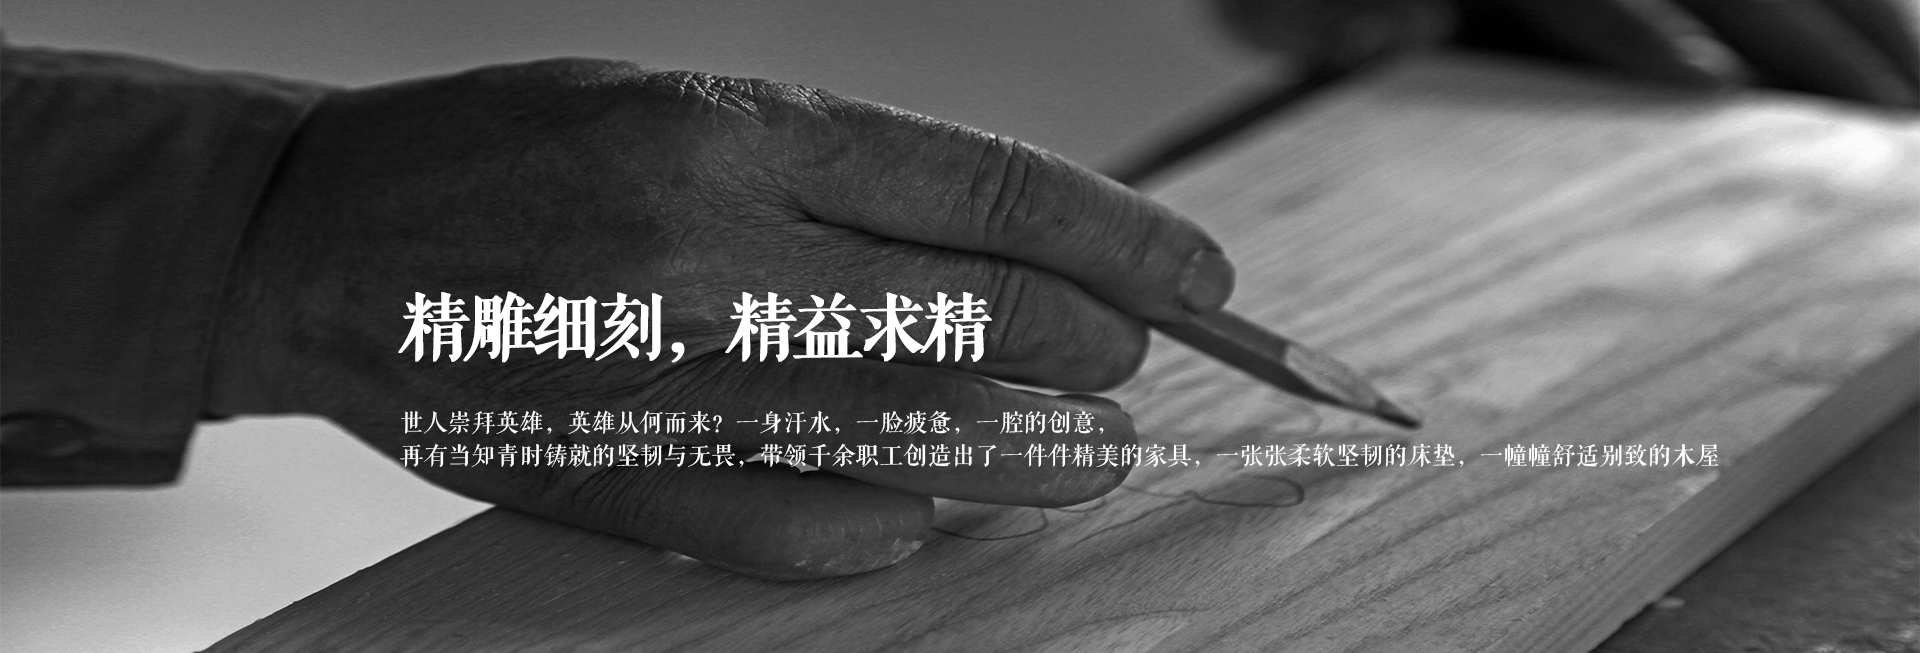 昆明神工集团有限公司